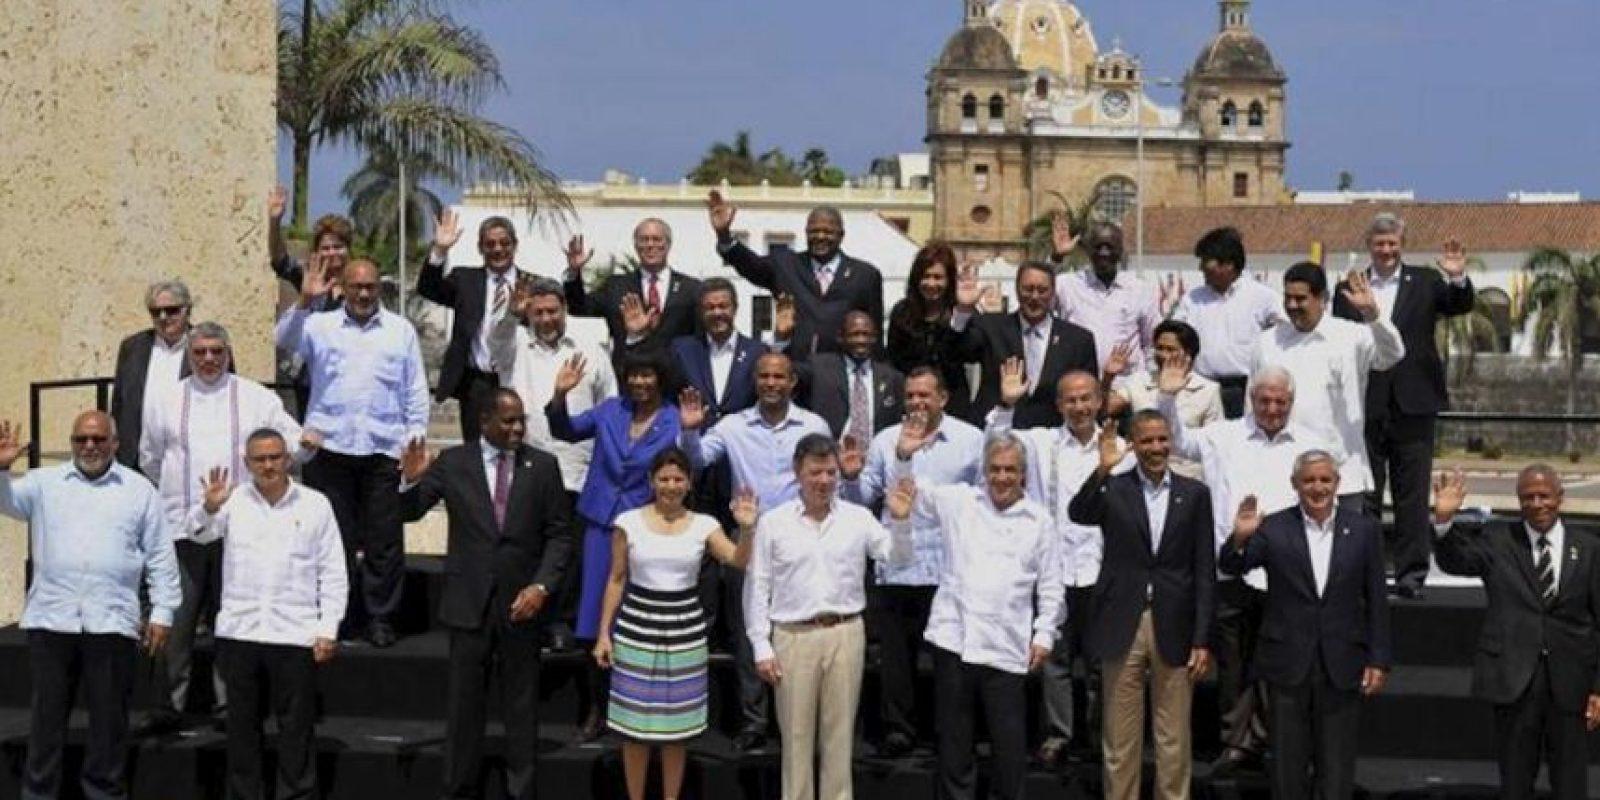 Los presidentes de los países de América posan, este 15 de abril, para la foto oficial de la VI Cumbre de las Américas en Cartagena de Indias (Colombia). EFE